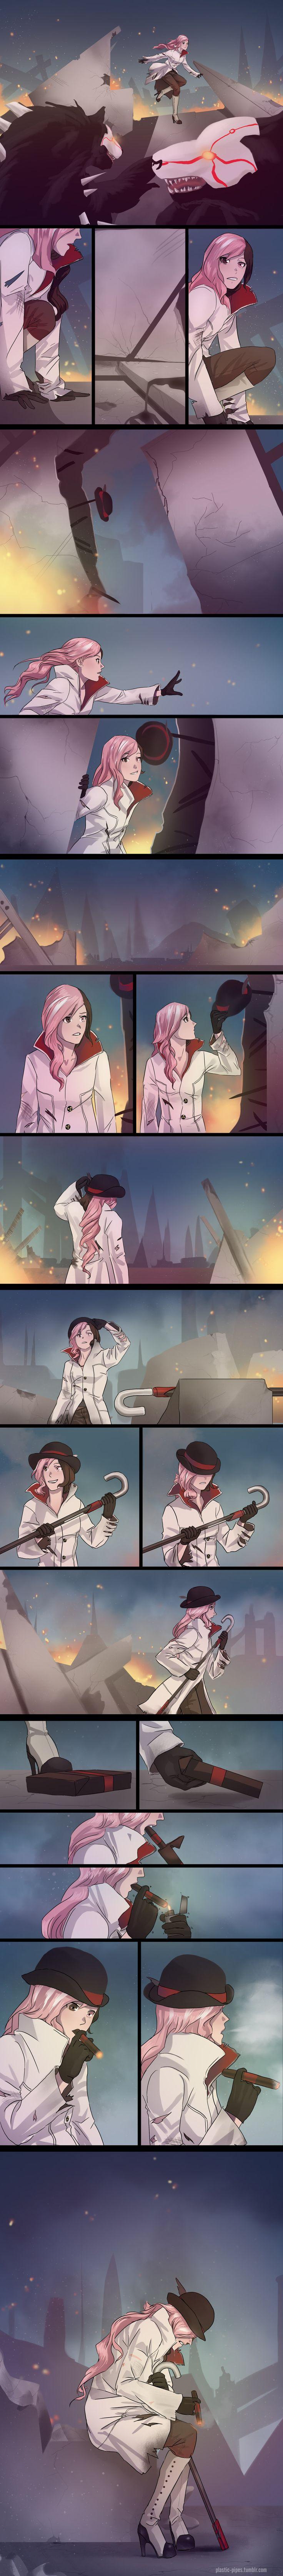 Cara isso é triste,não sei se a Neo está viva, mas depois que o Roman virou churrasquinho ela deve ter ficado por aí sozinha. Neo by plastic-pipes on DeviantArt